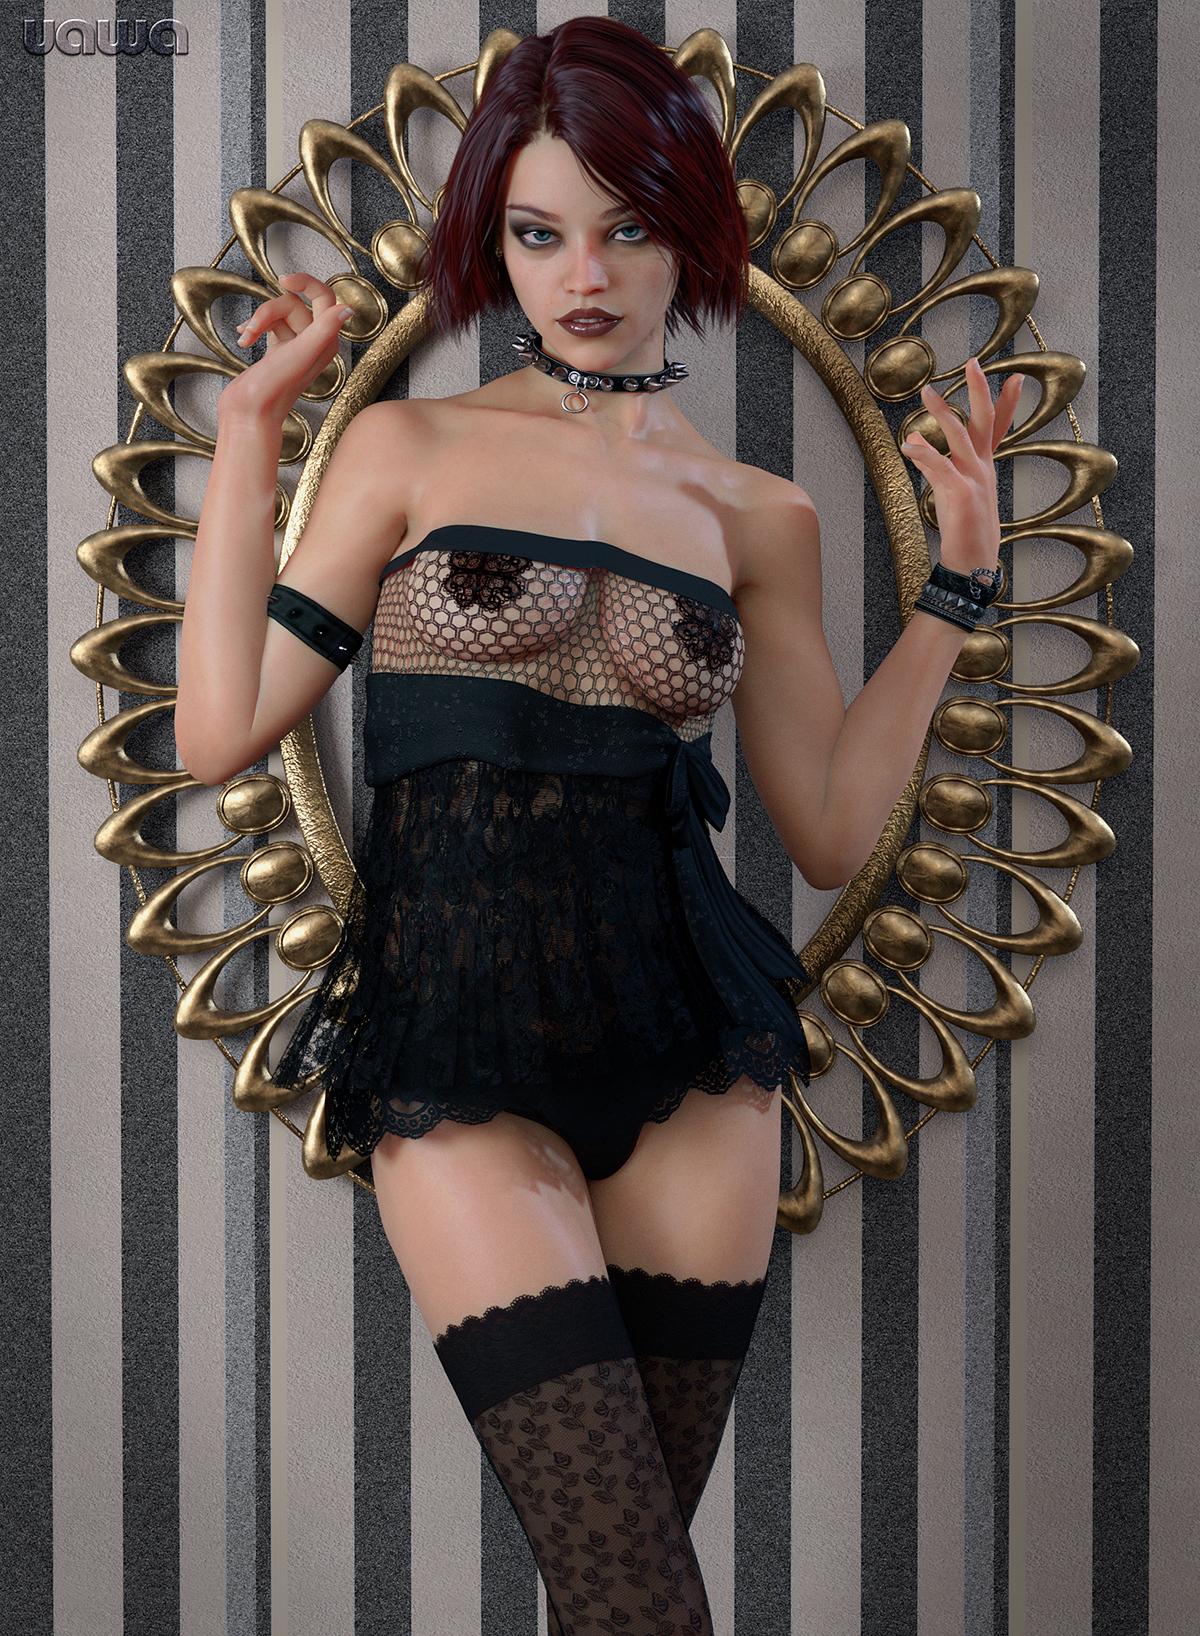 Gothic girl hot Gothic Singles,